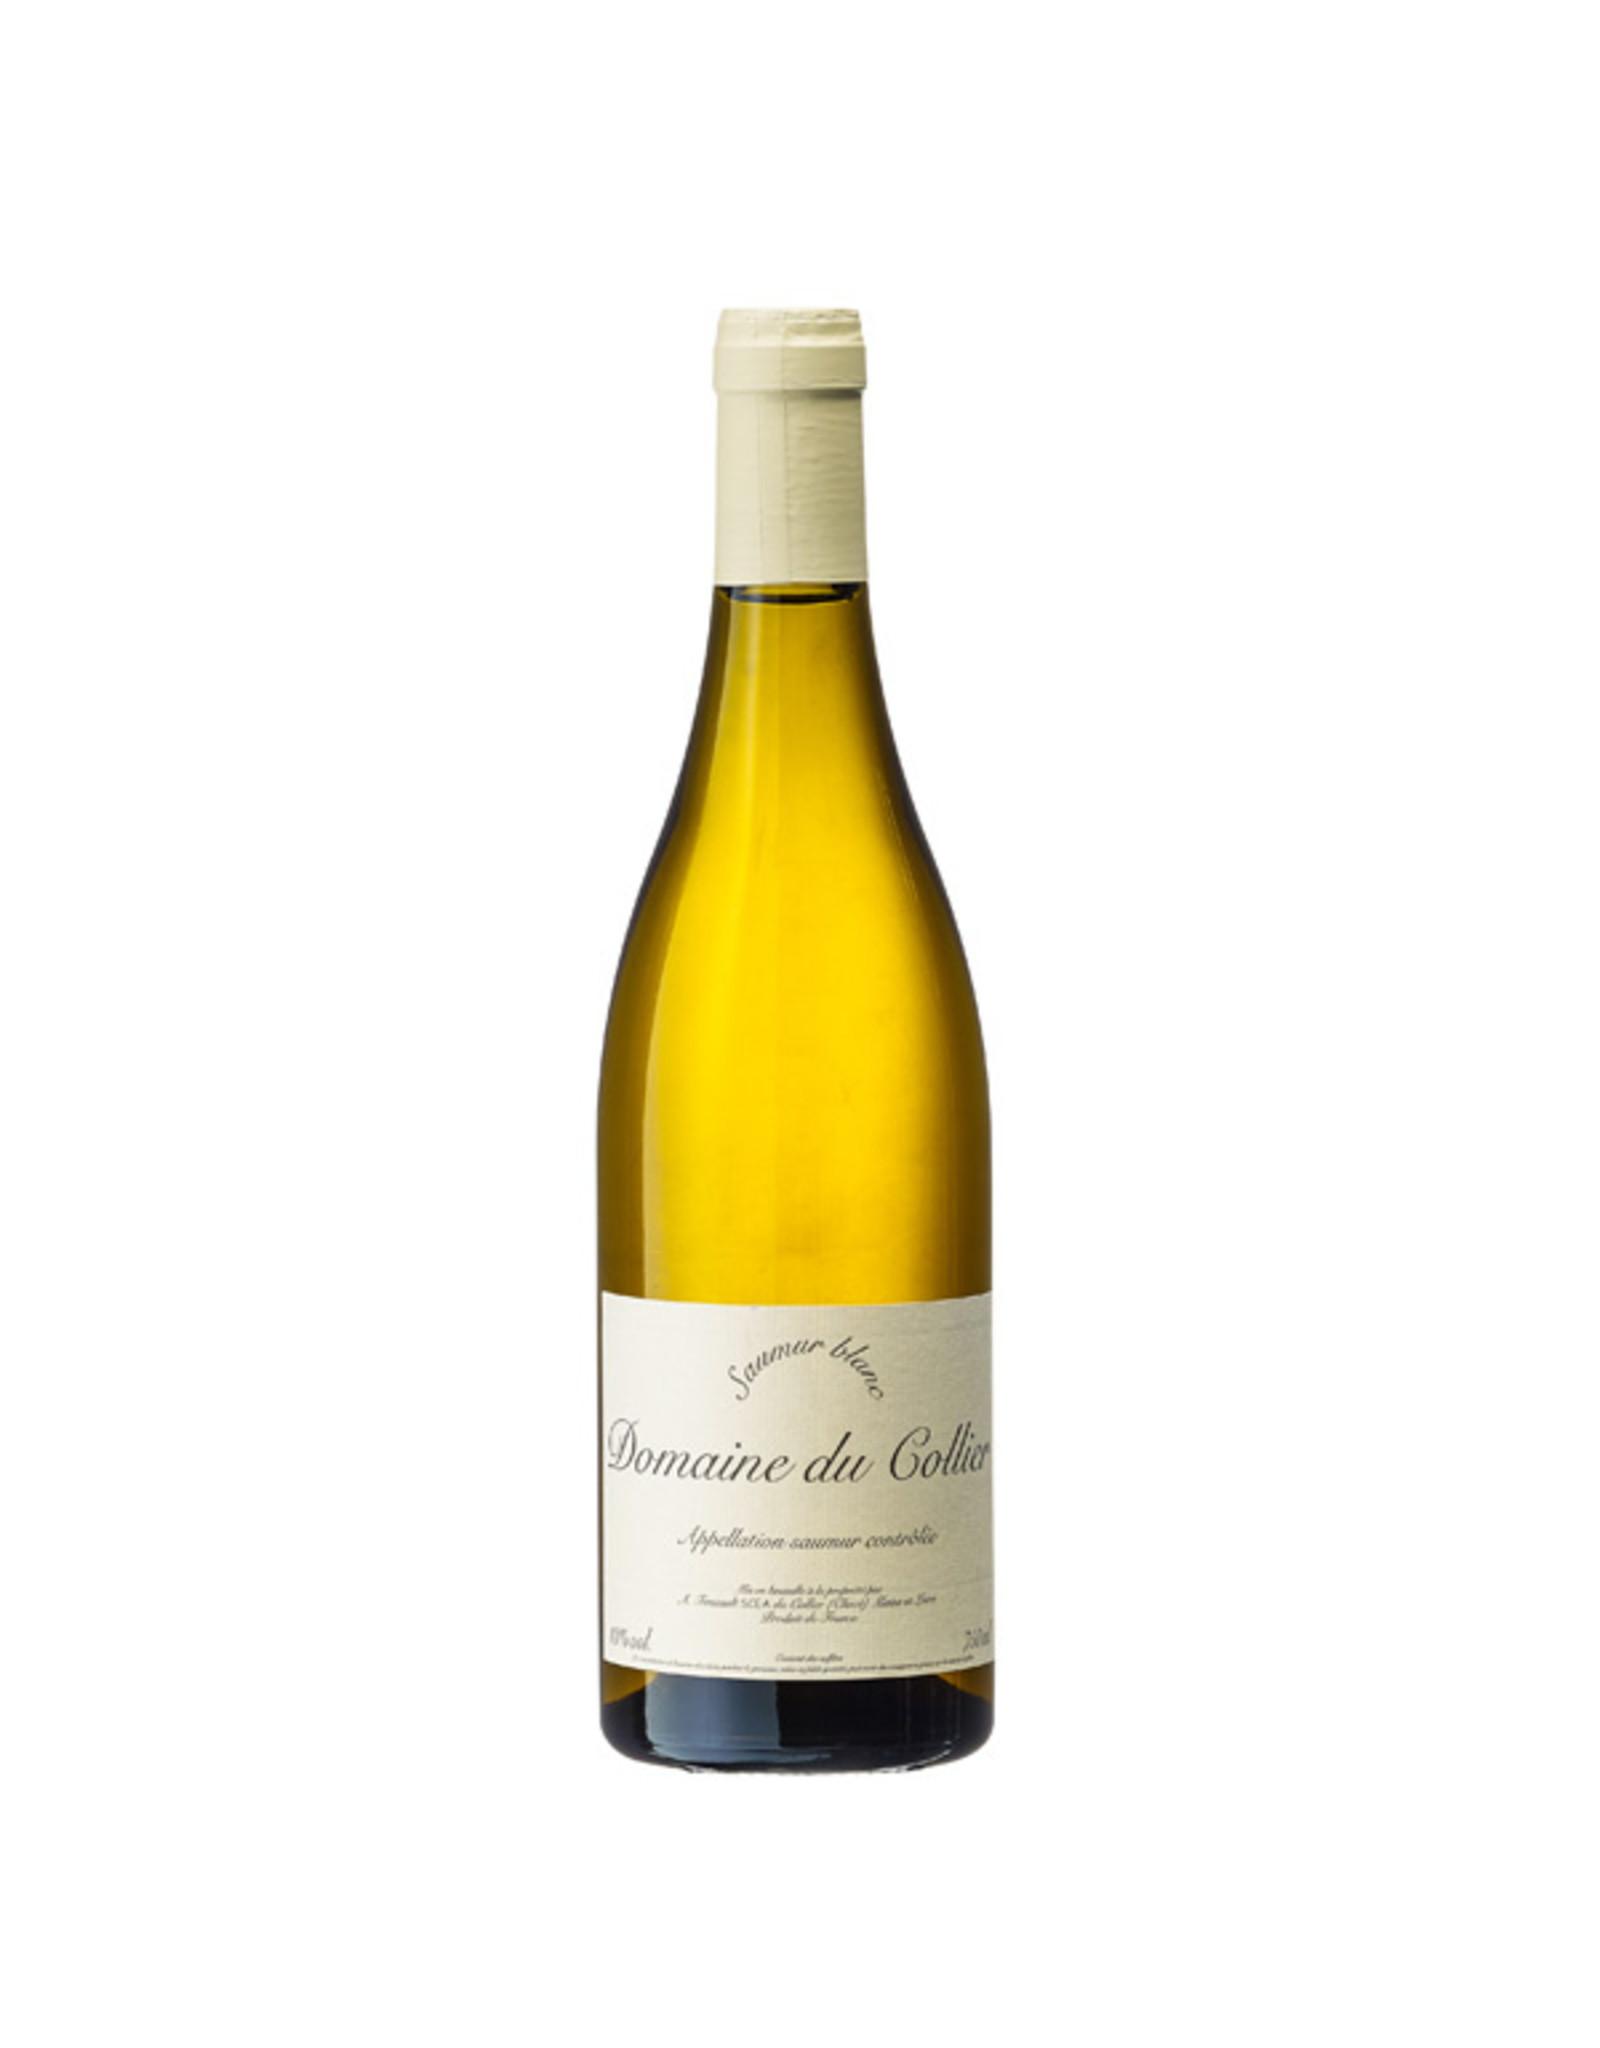 Domaine du Collier, Chacé Collier Saumur Blanc 2014